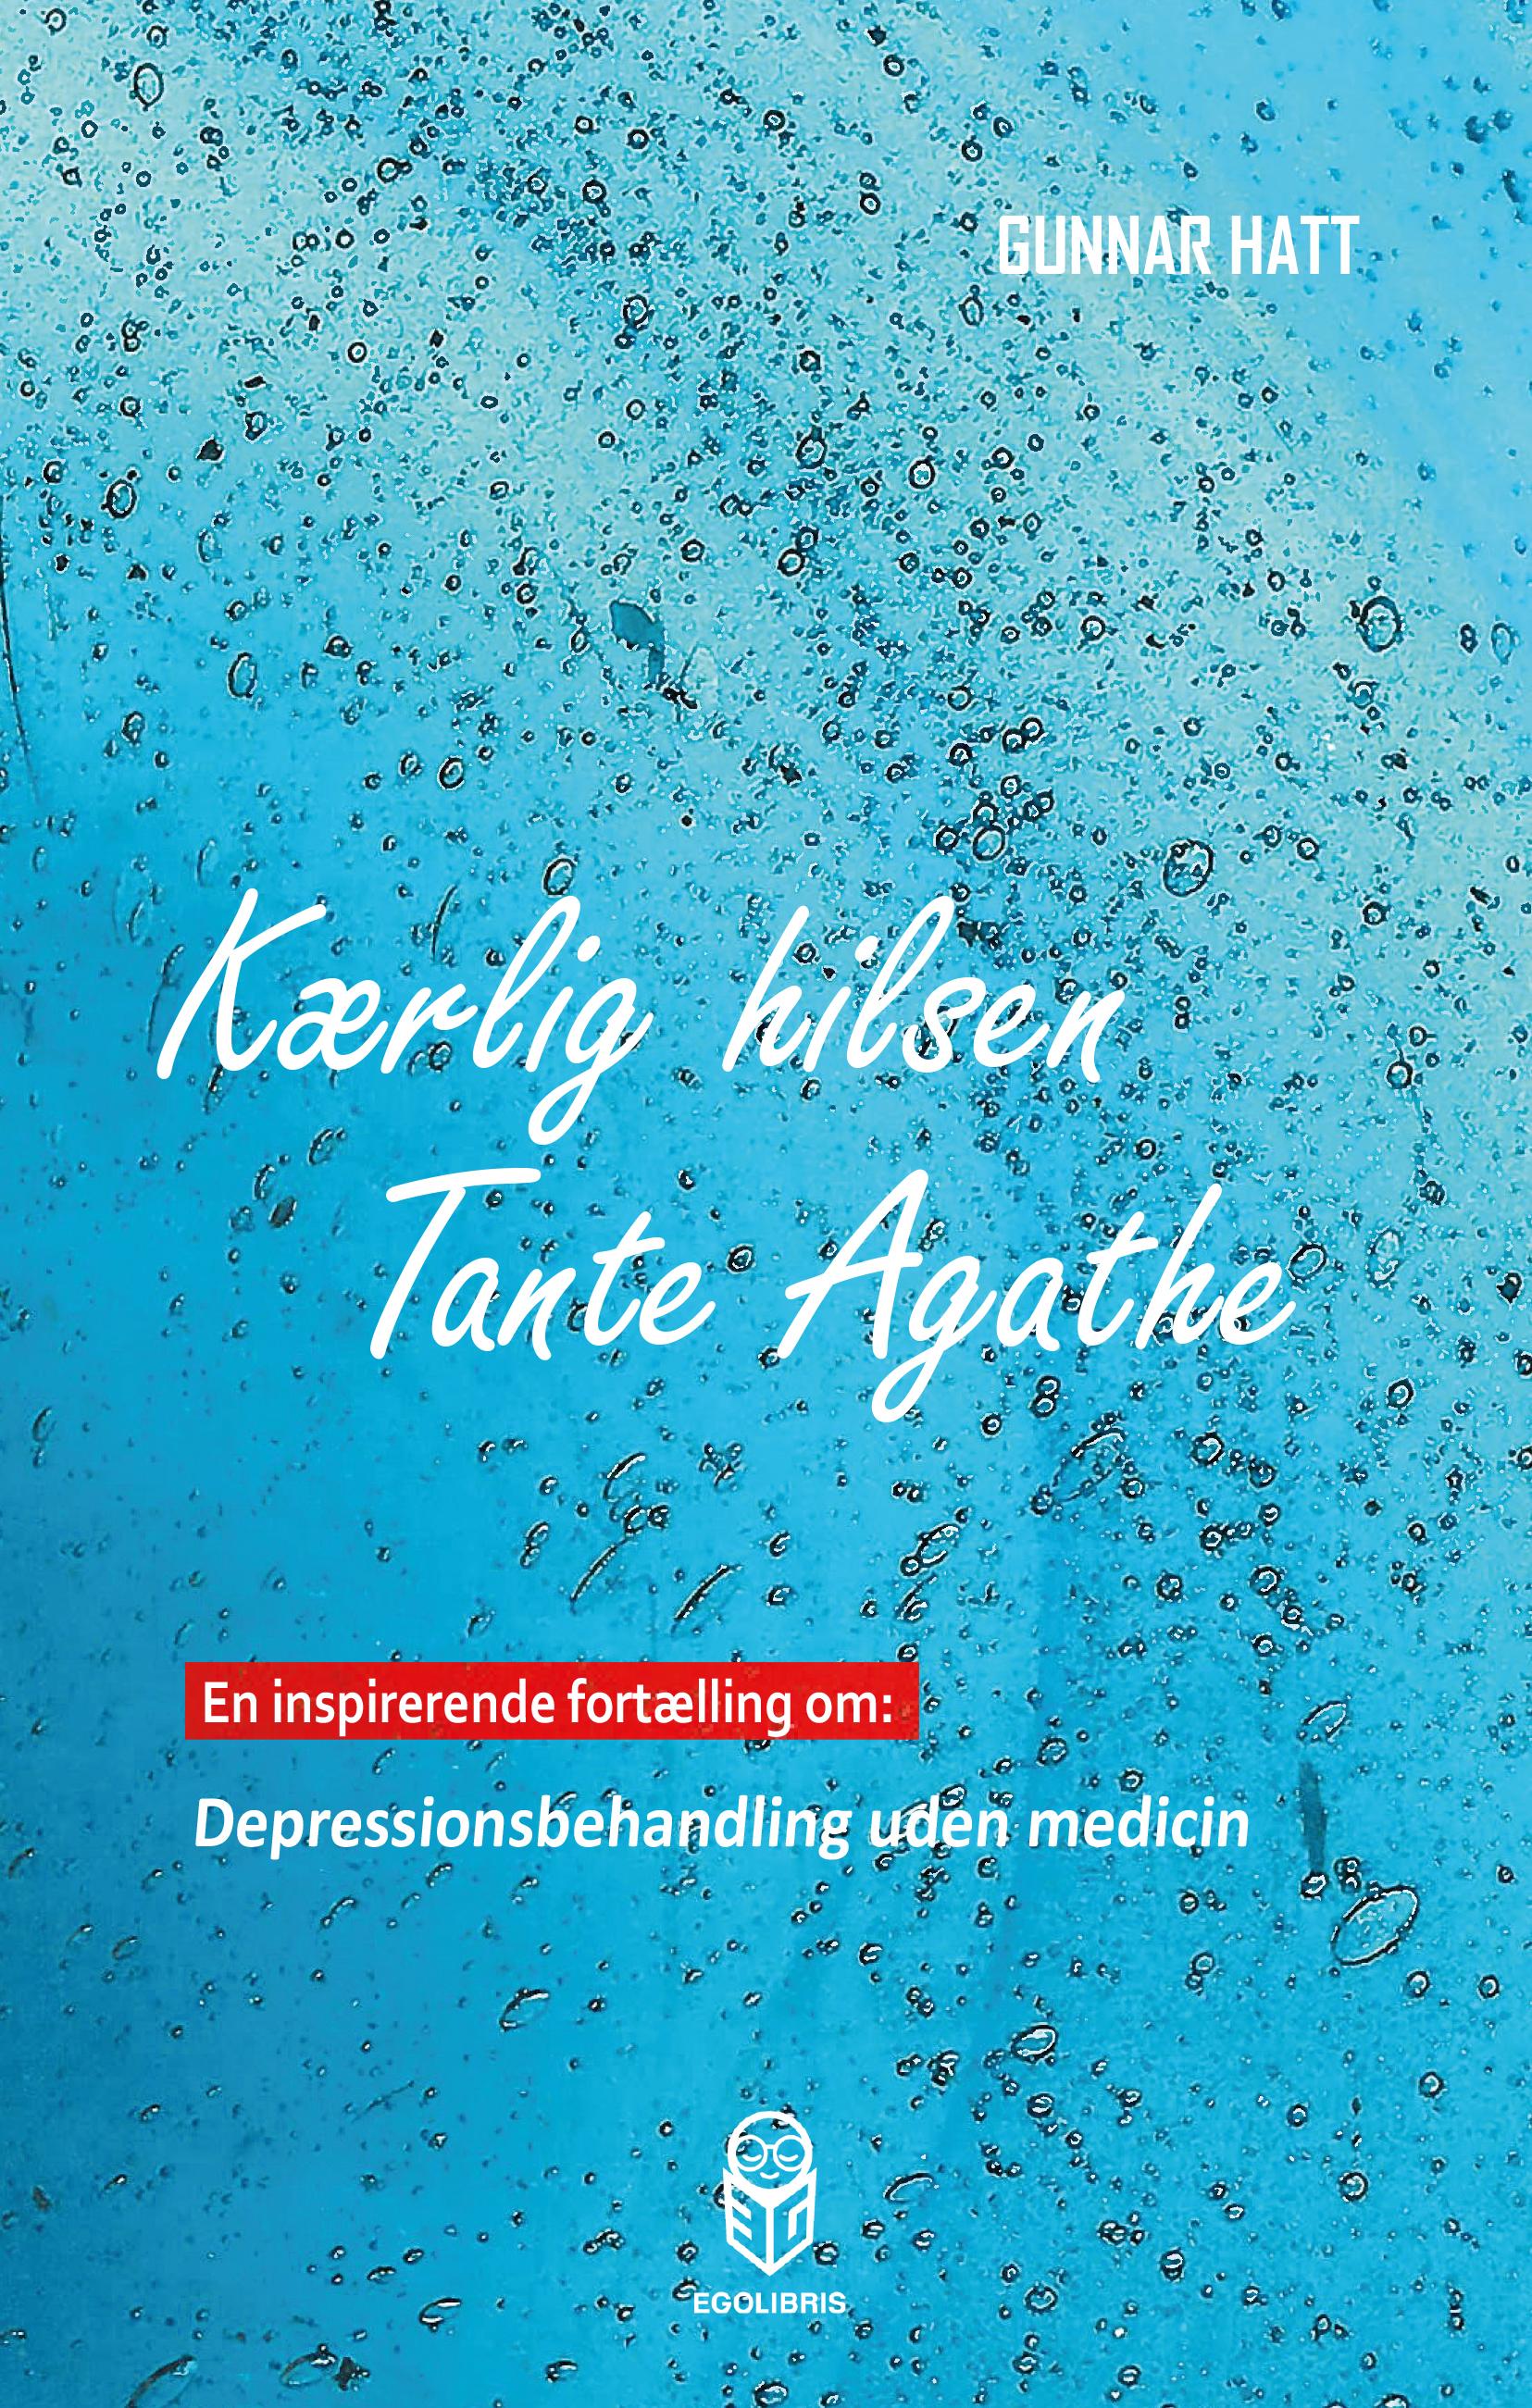 Kærlig hilsen tante agathe - e-bog fra N/A på bog & mystik